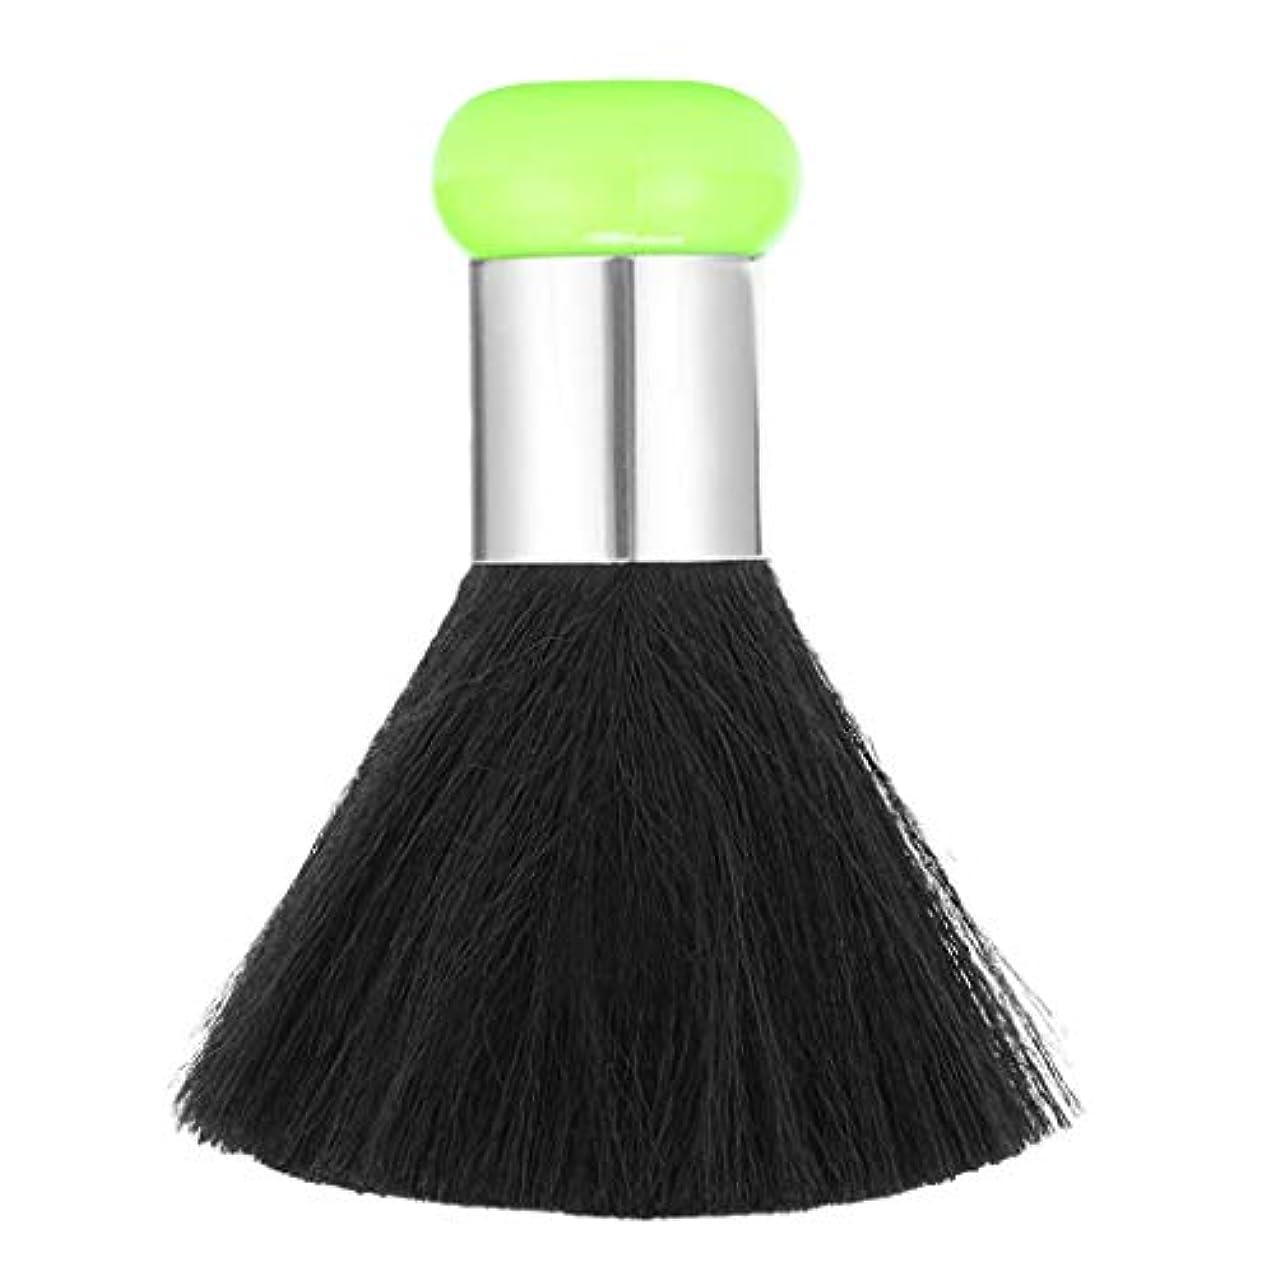 鍔ボランティアエラーP Prettyia ネックダスターブラシ ヘアカット 快適 美容師向け サロン 2色選べ - 緑